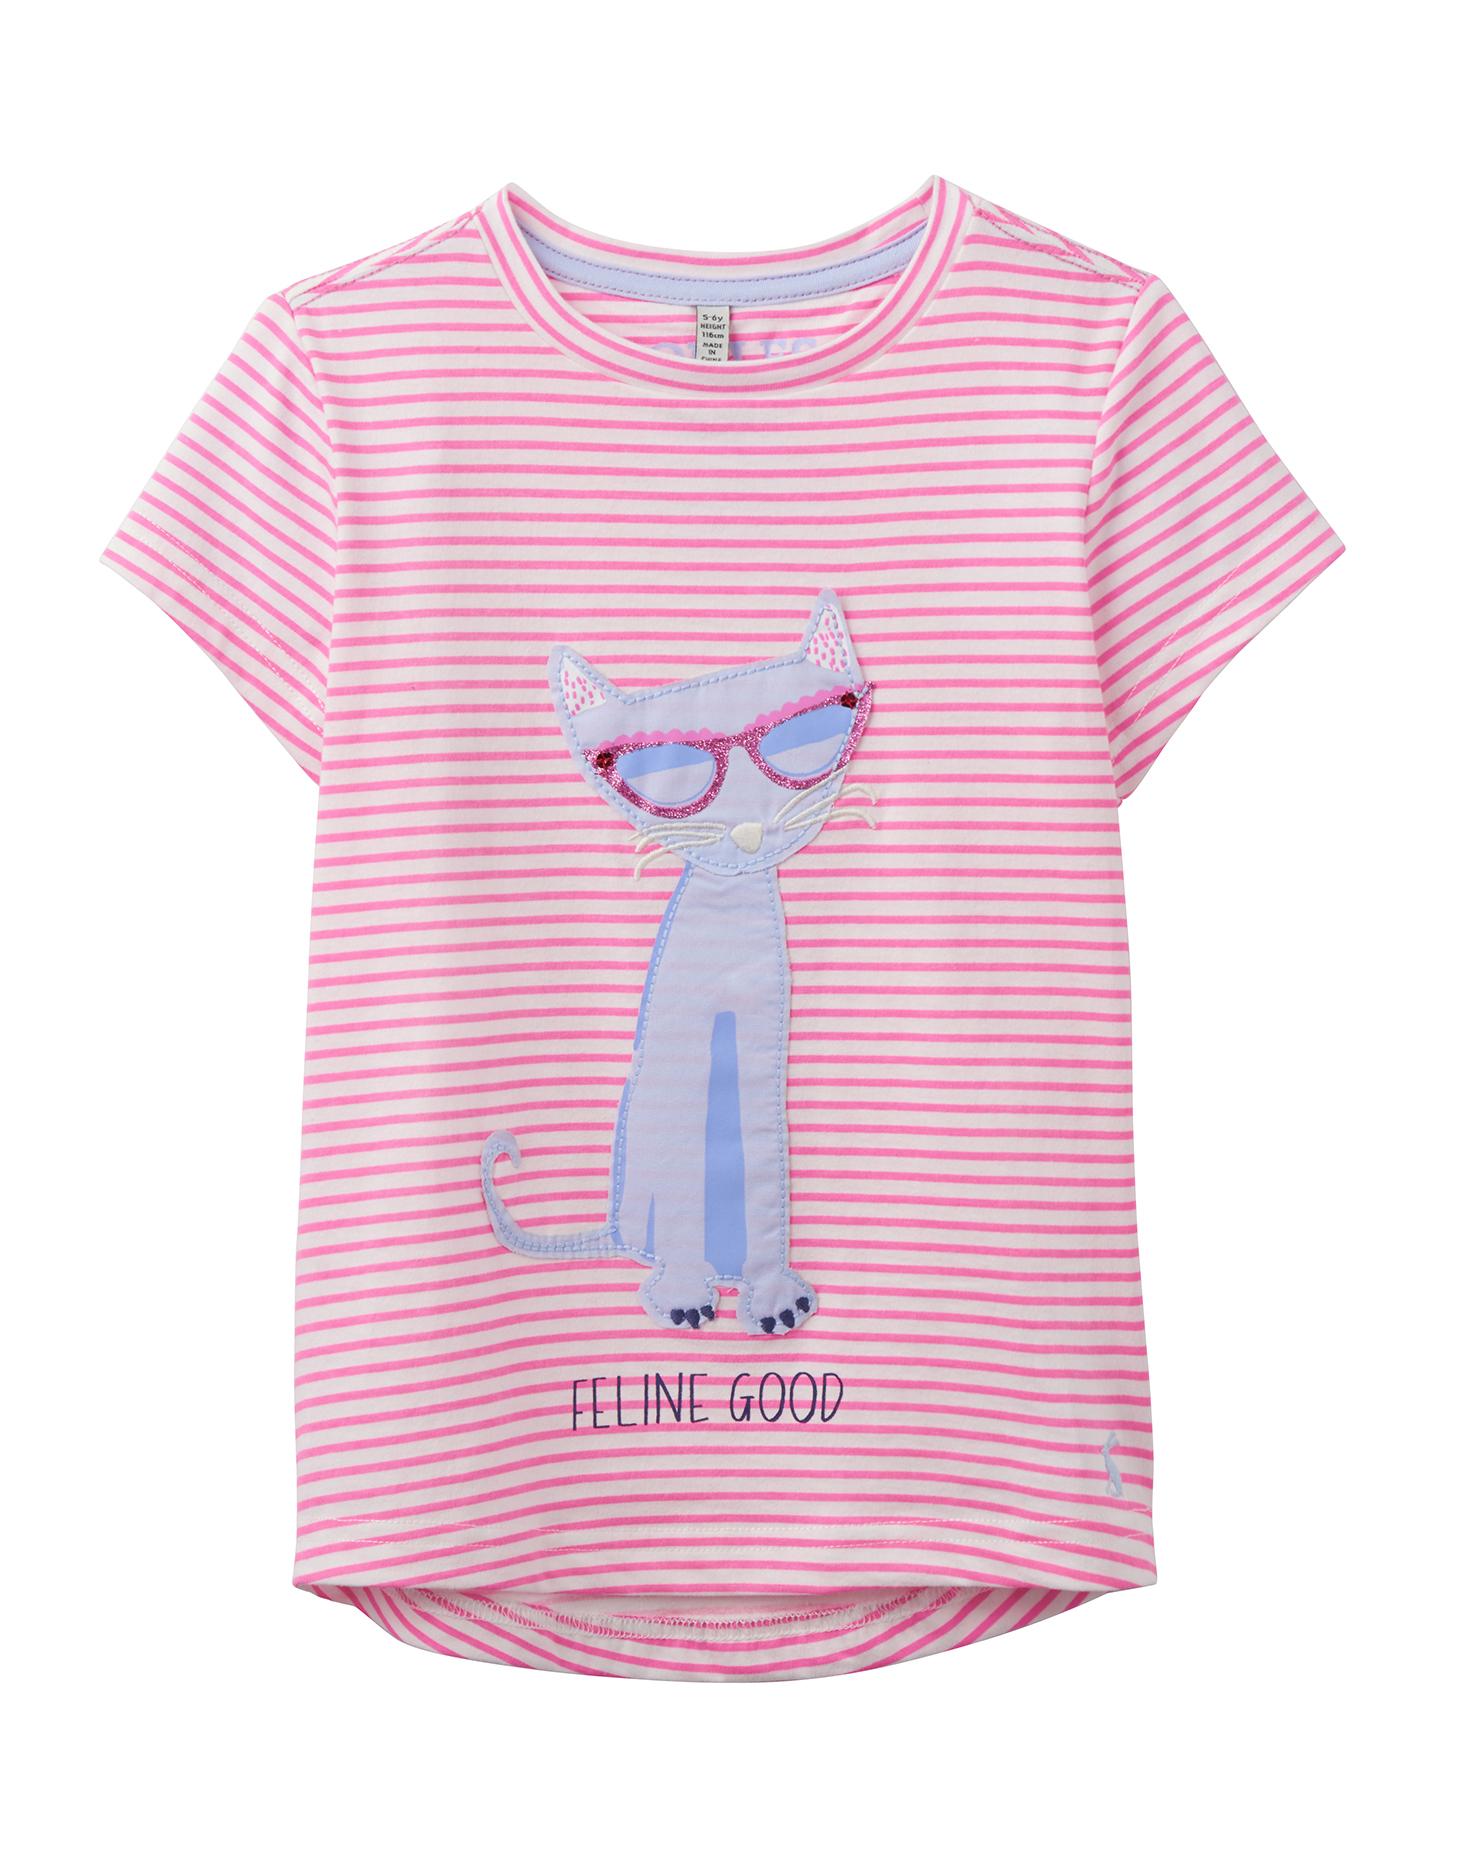 best loved 321f3 e6e48 Joules T-Shirt Größe 98-104 122-128 NEU 29,95 € 134-140